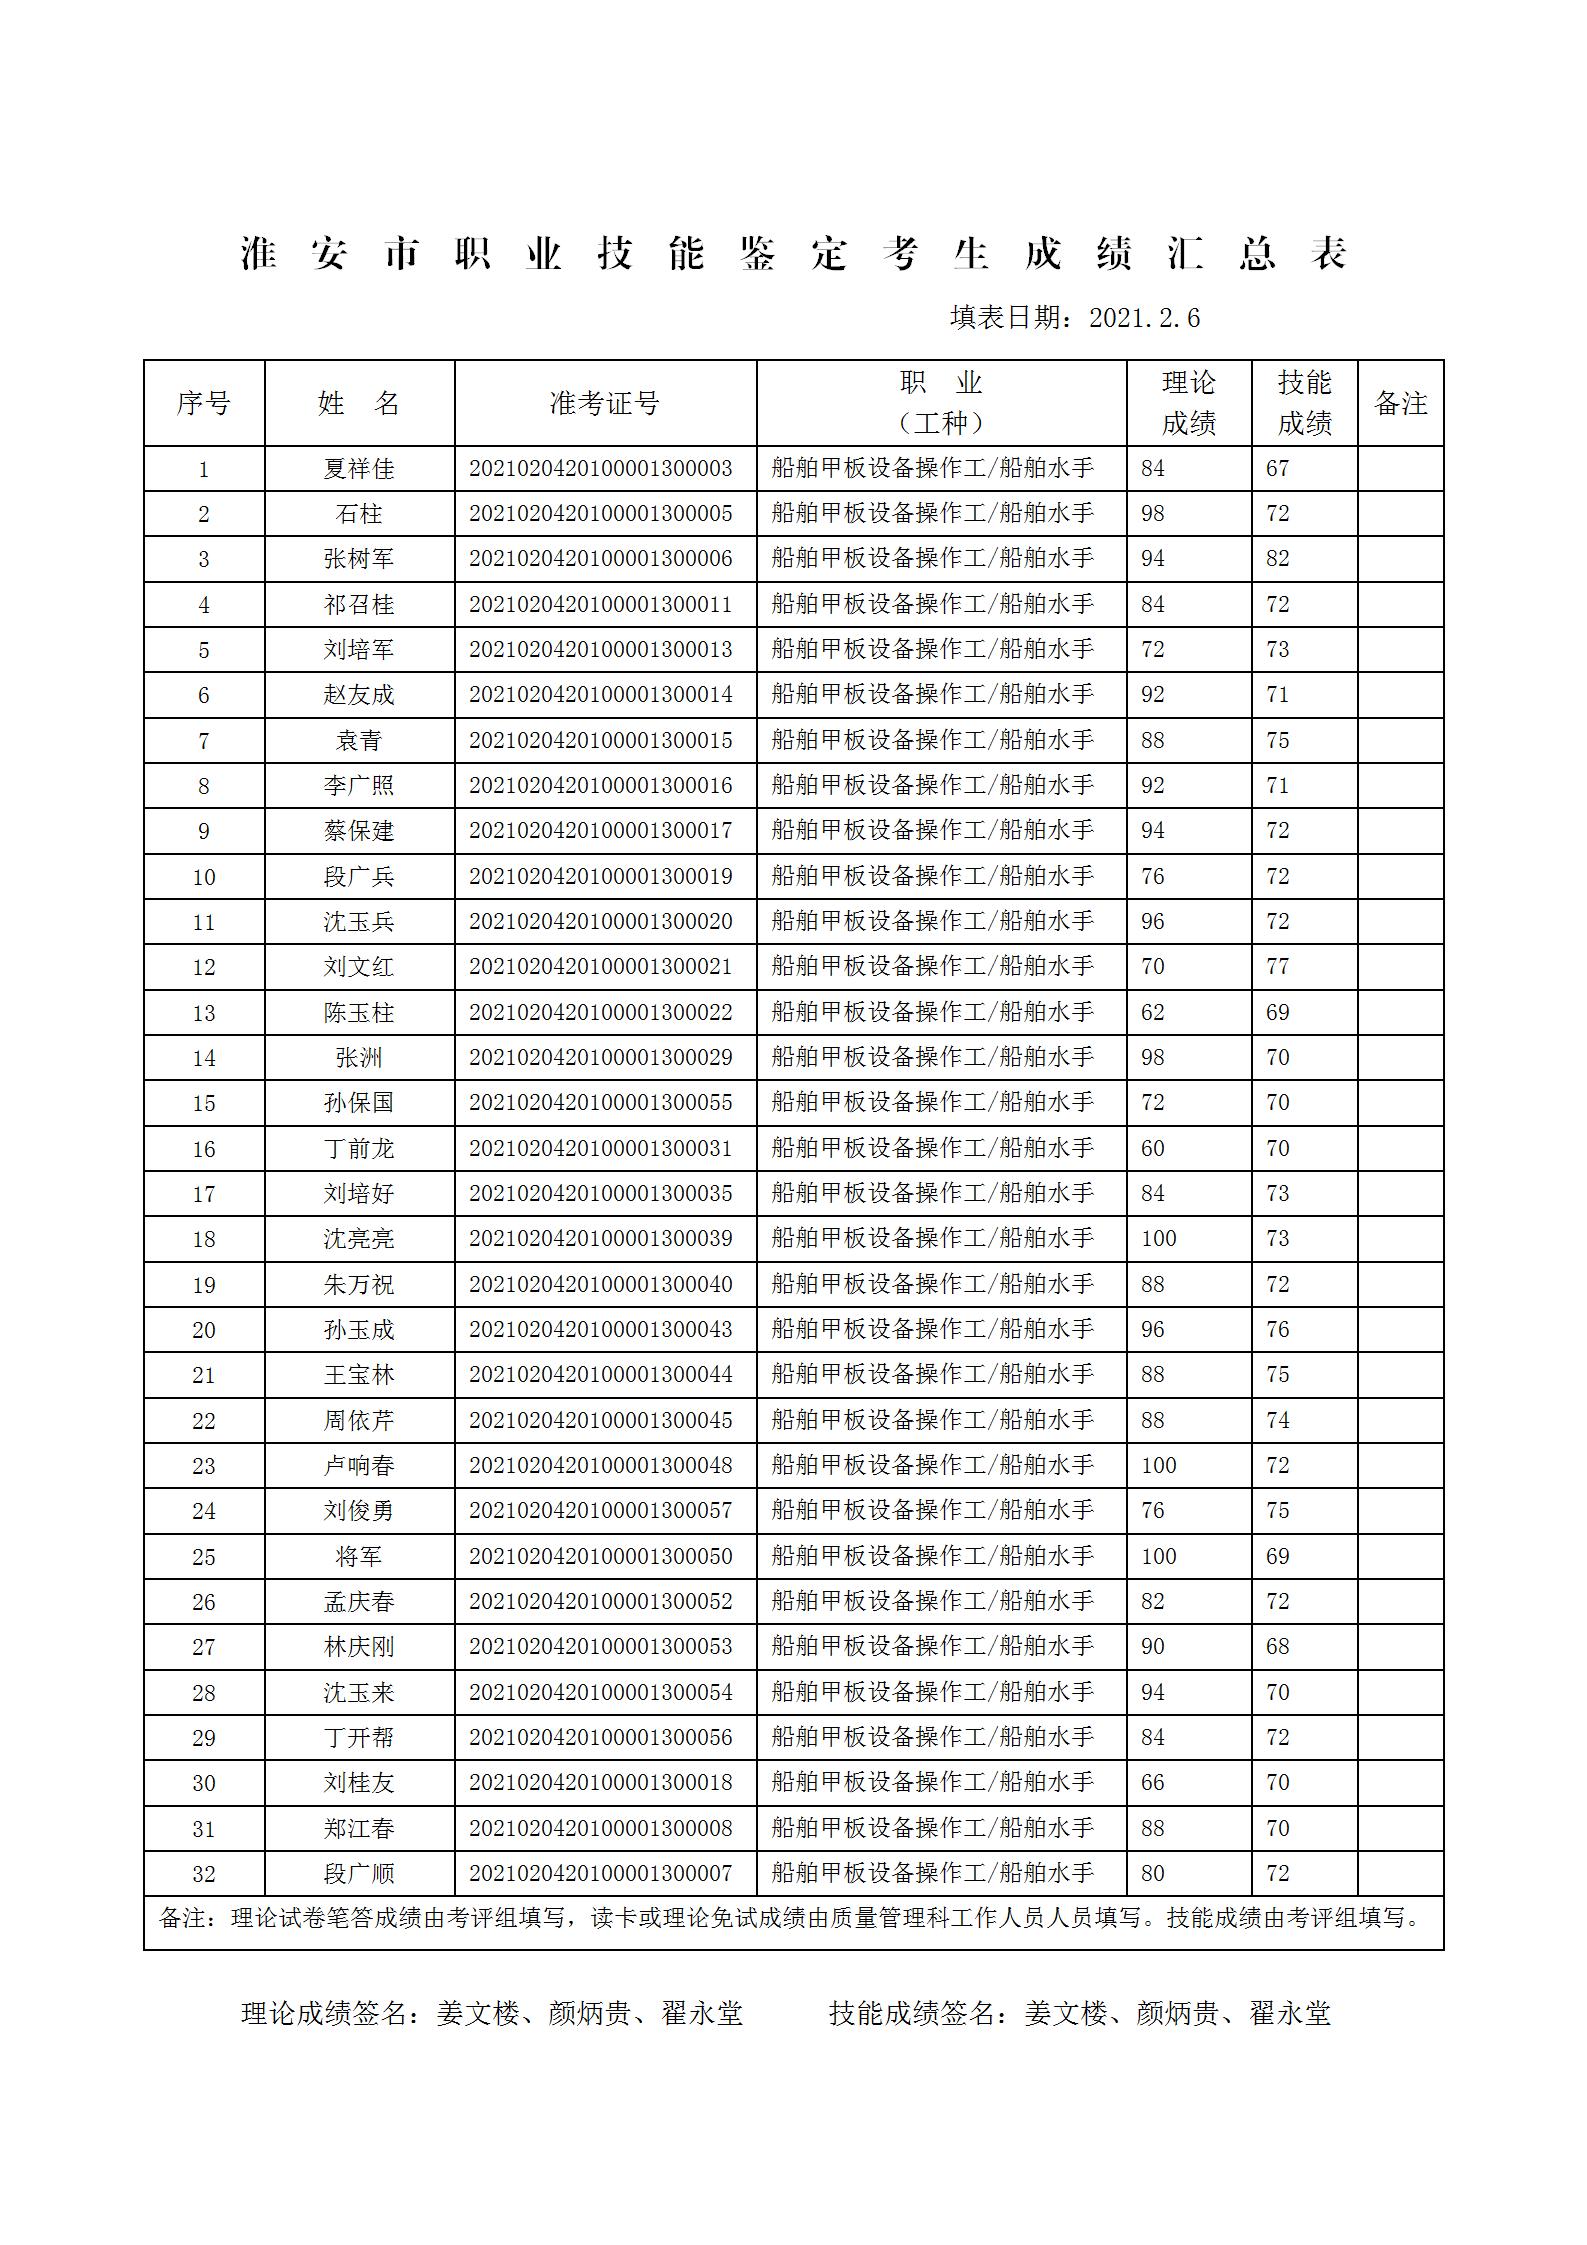 淮安市职业技能鉴定考生成绩汇总表_01.png